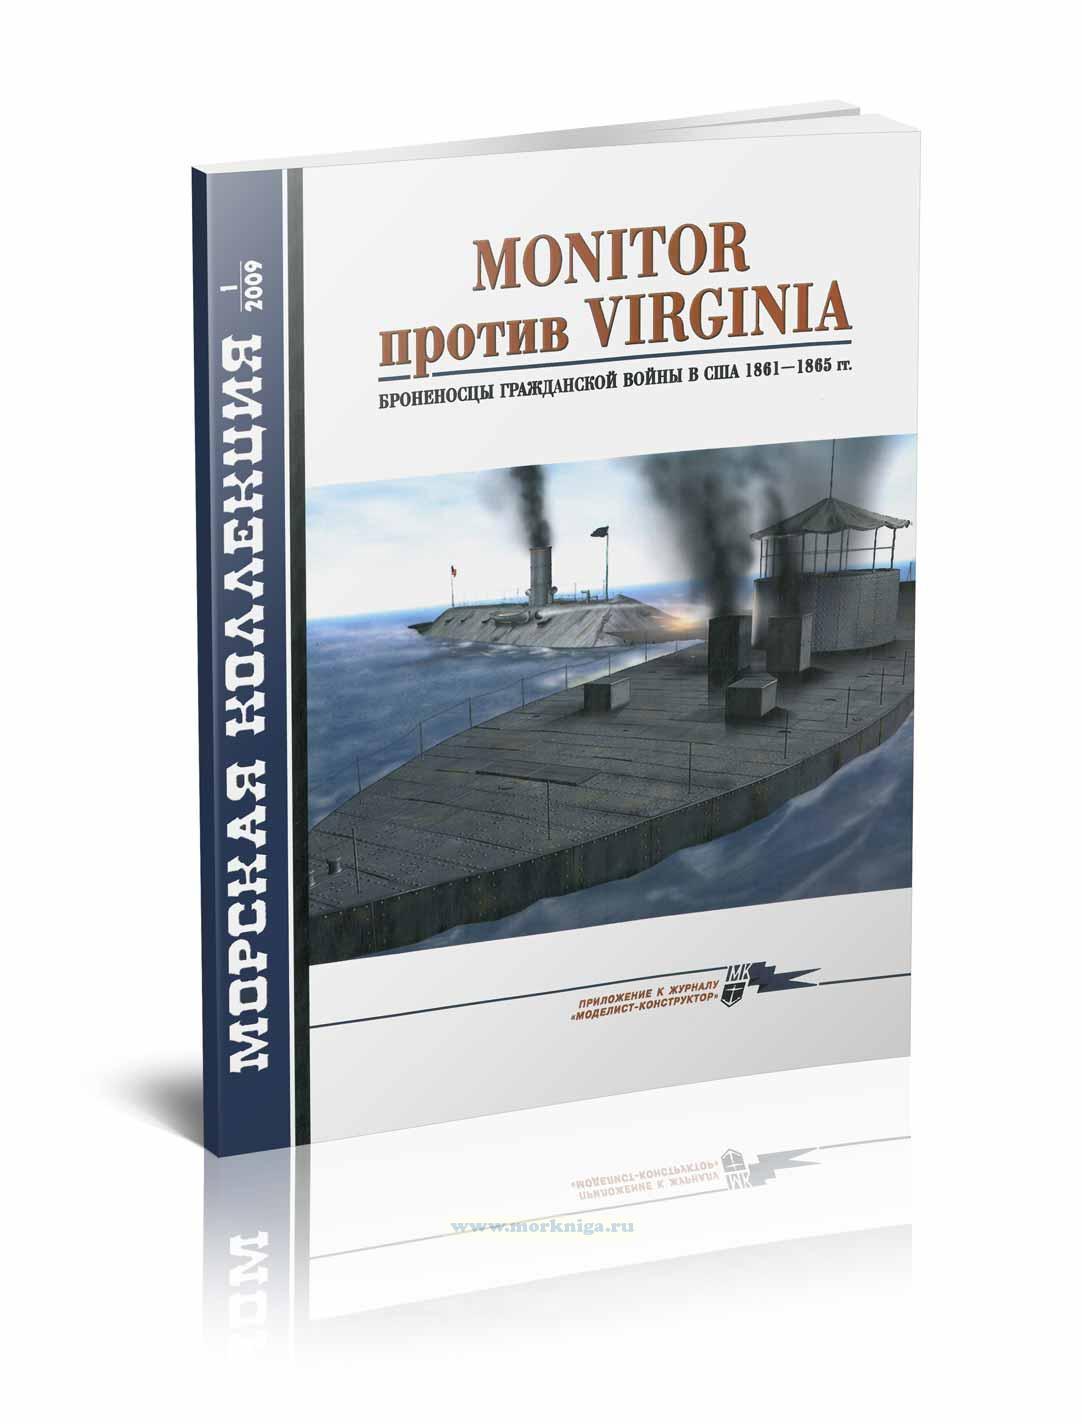 MONITOR против VIRGINIA. Броненосцы Гражданской войны в США 1861-1865 гг. Морская коллекция №1 (2009)